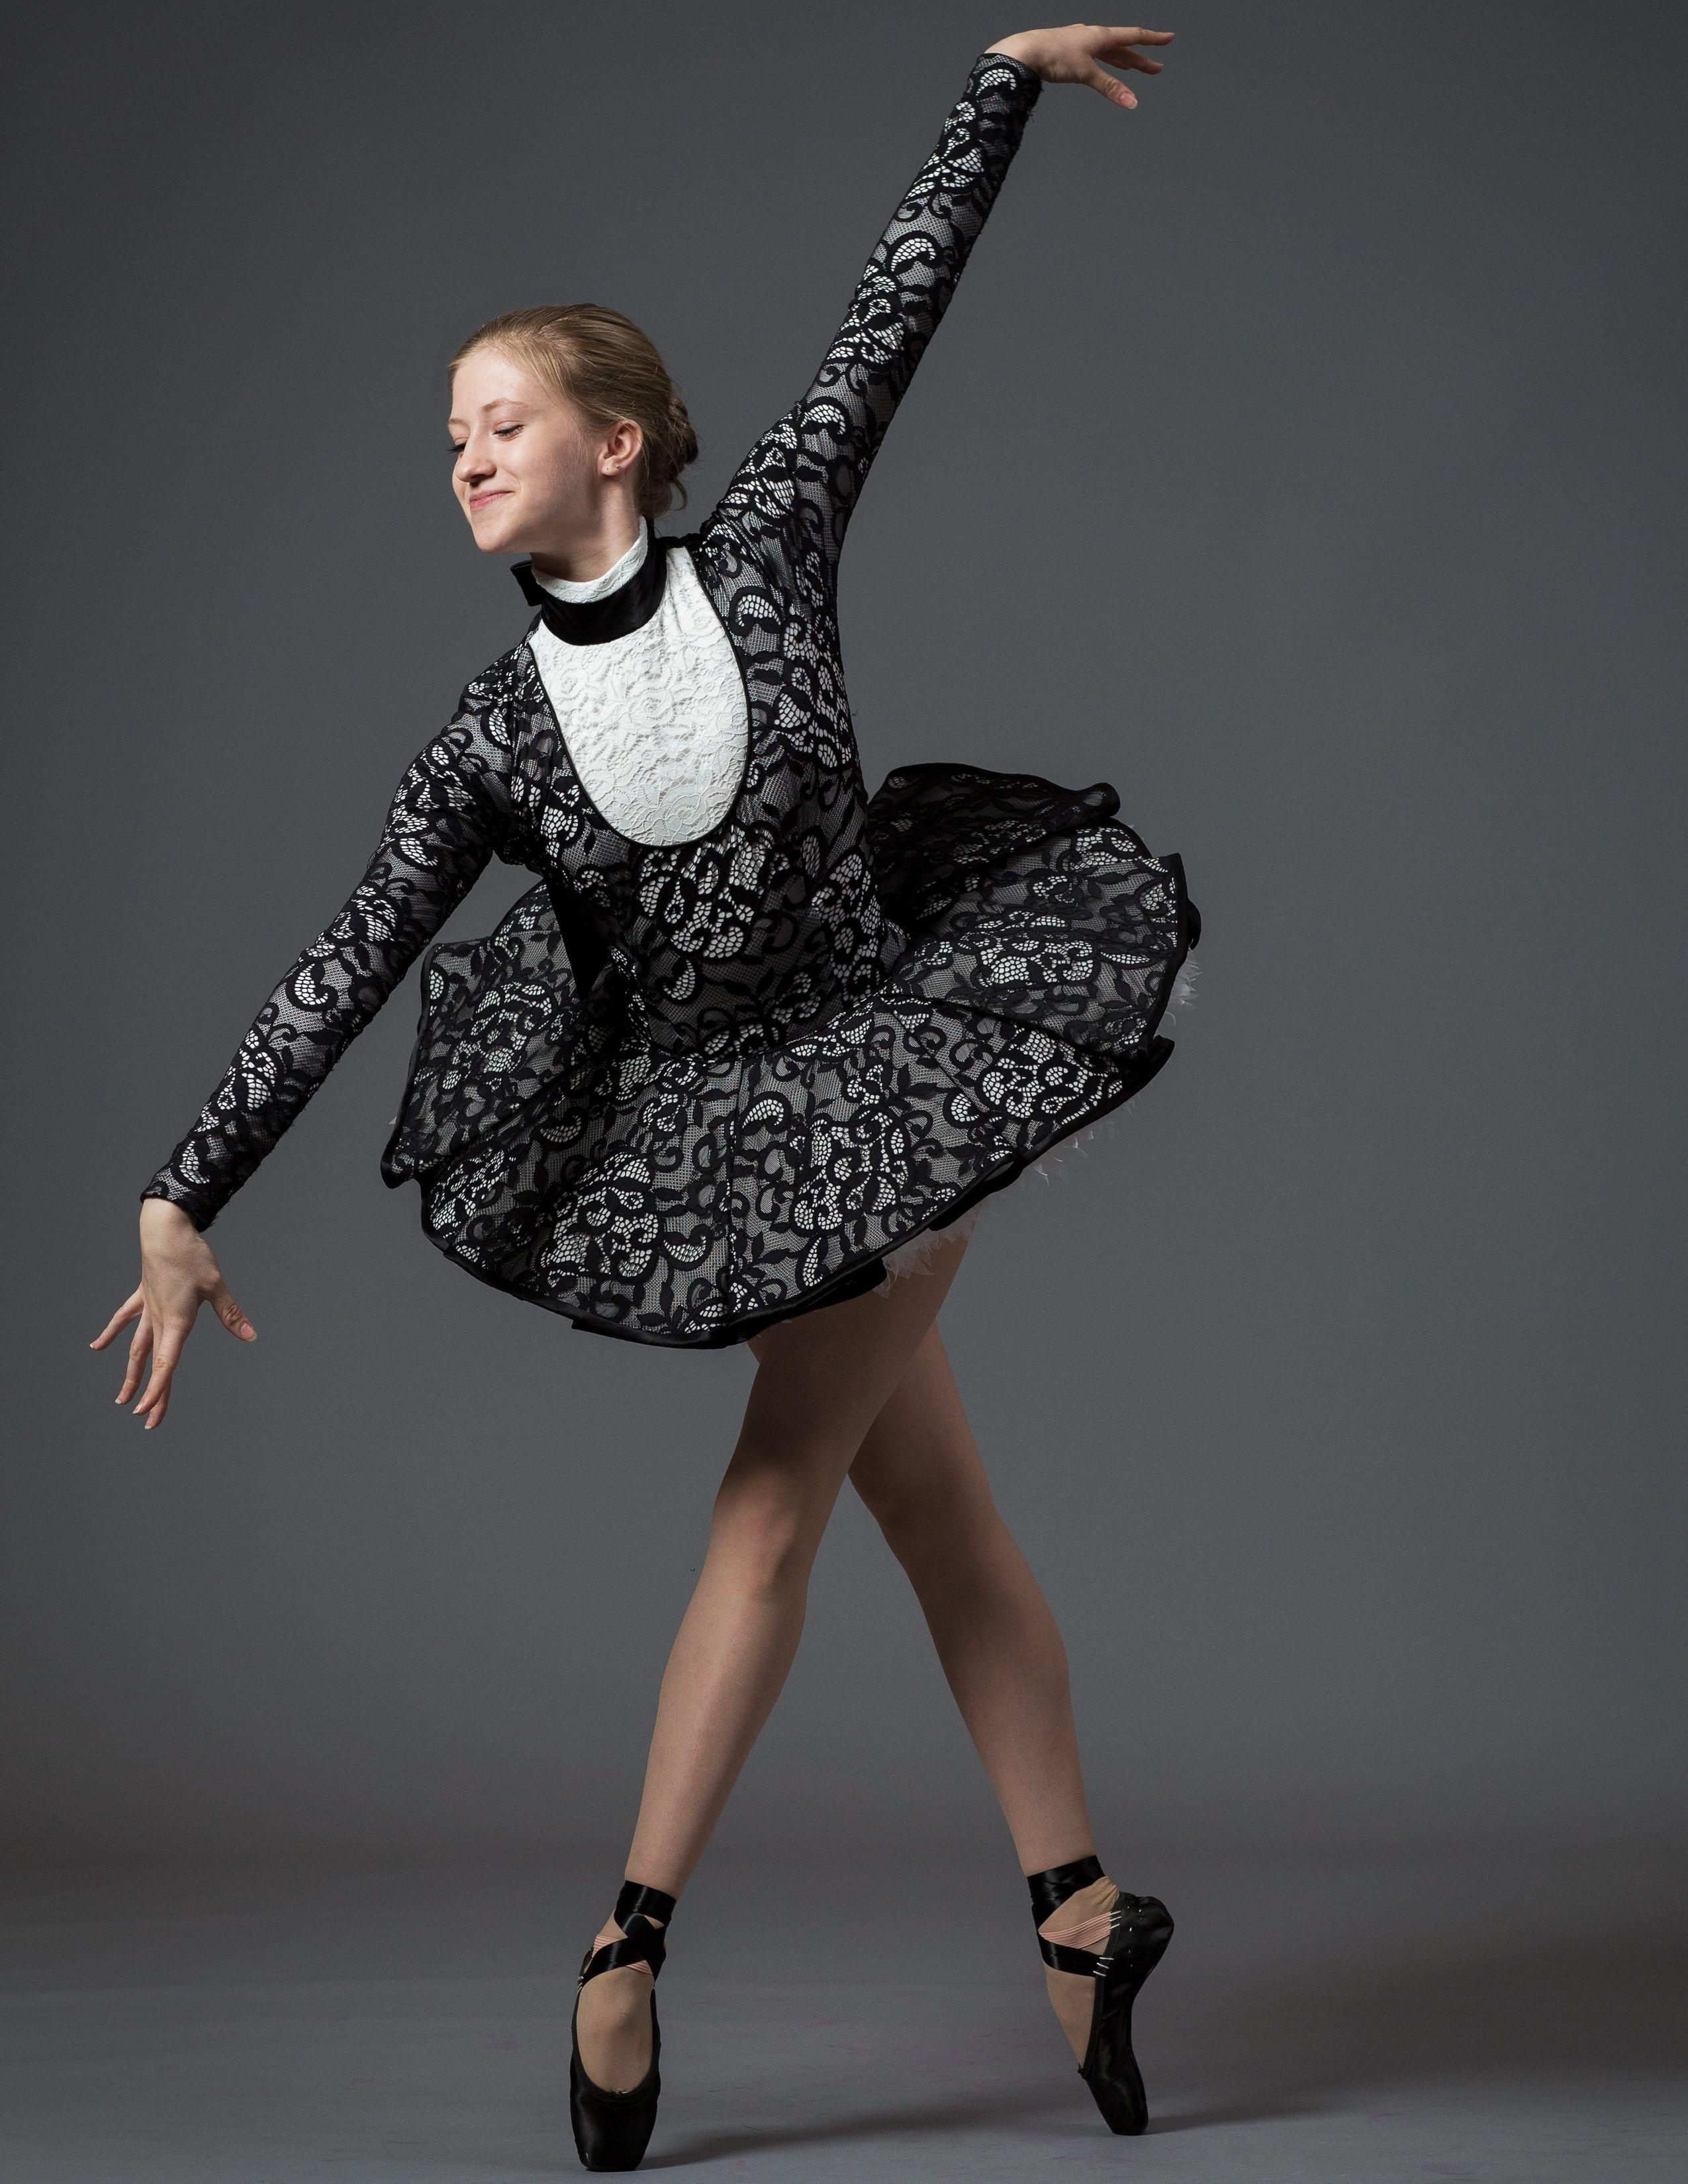 739f20f7e742 Oscar de la Renta costumes for New York City Ballet s